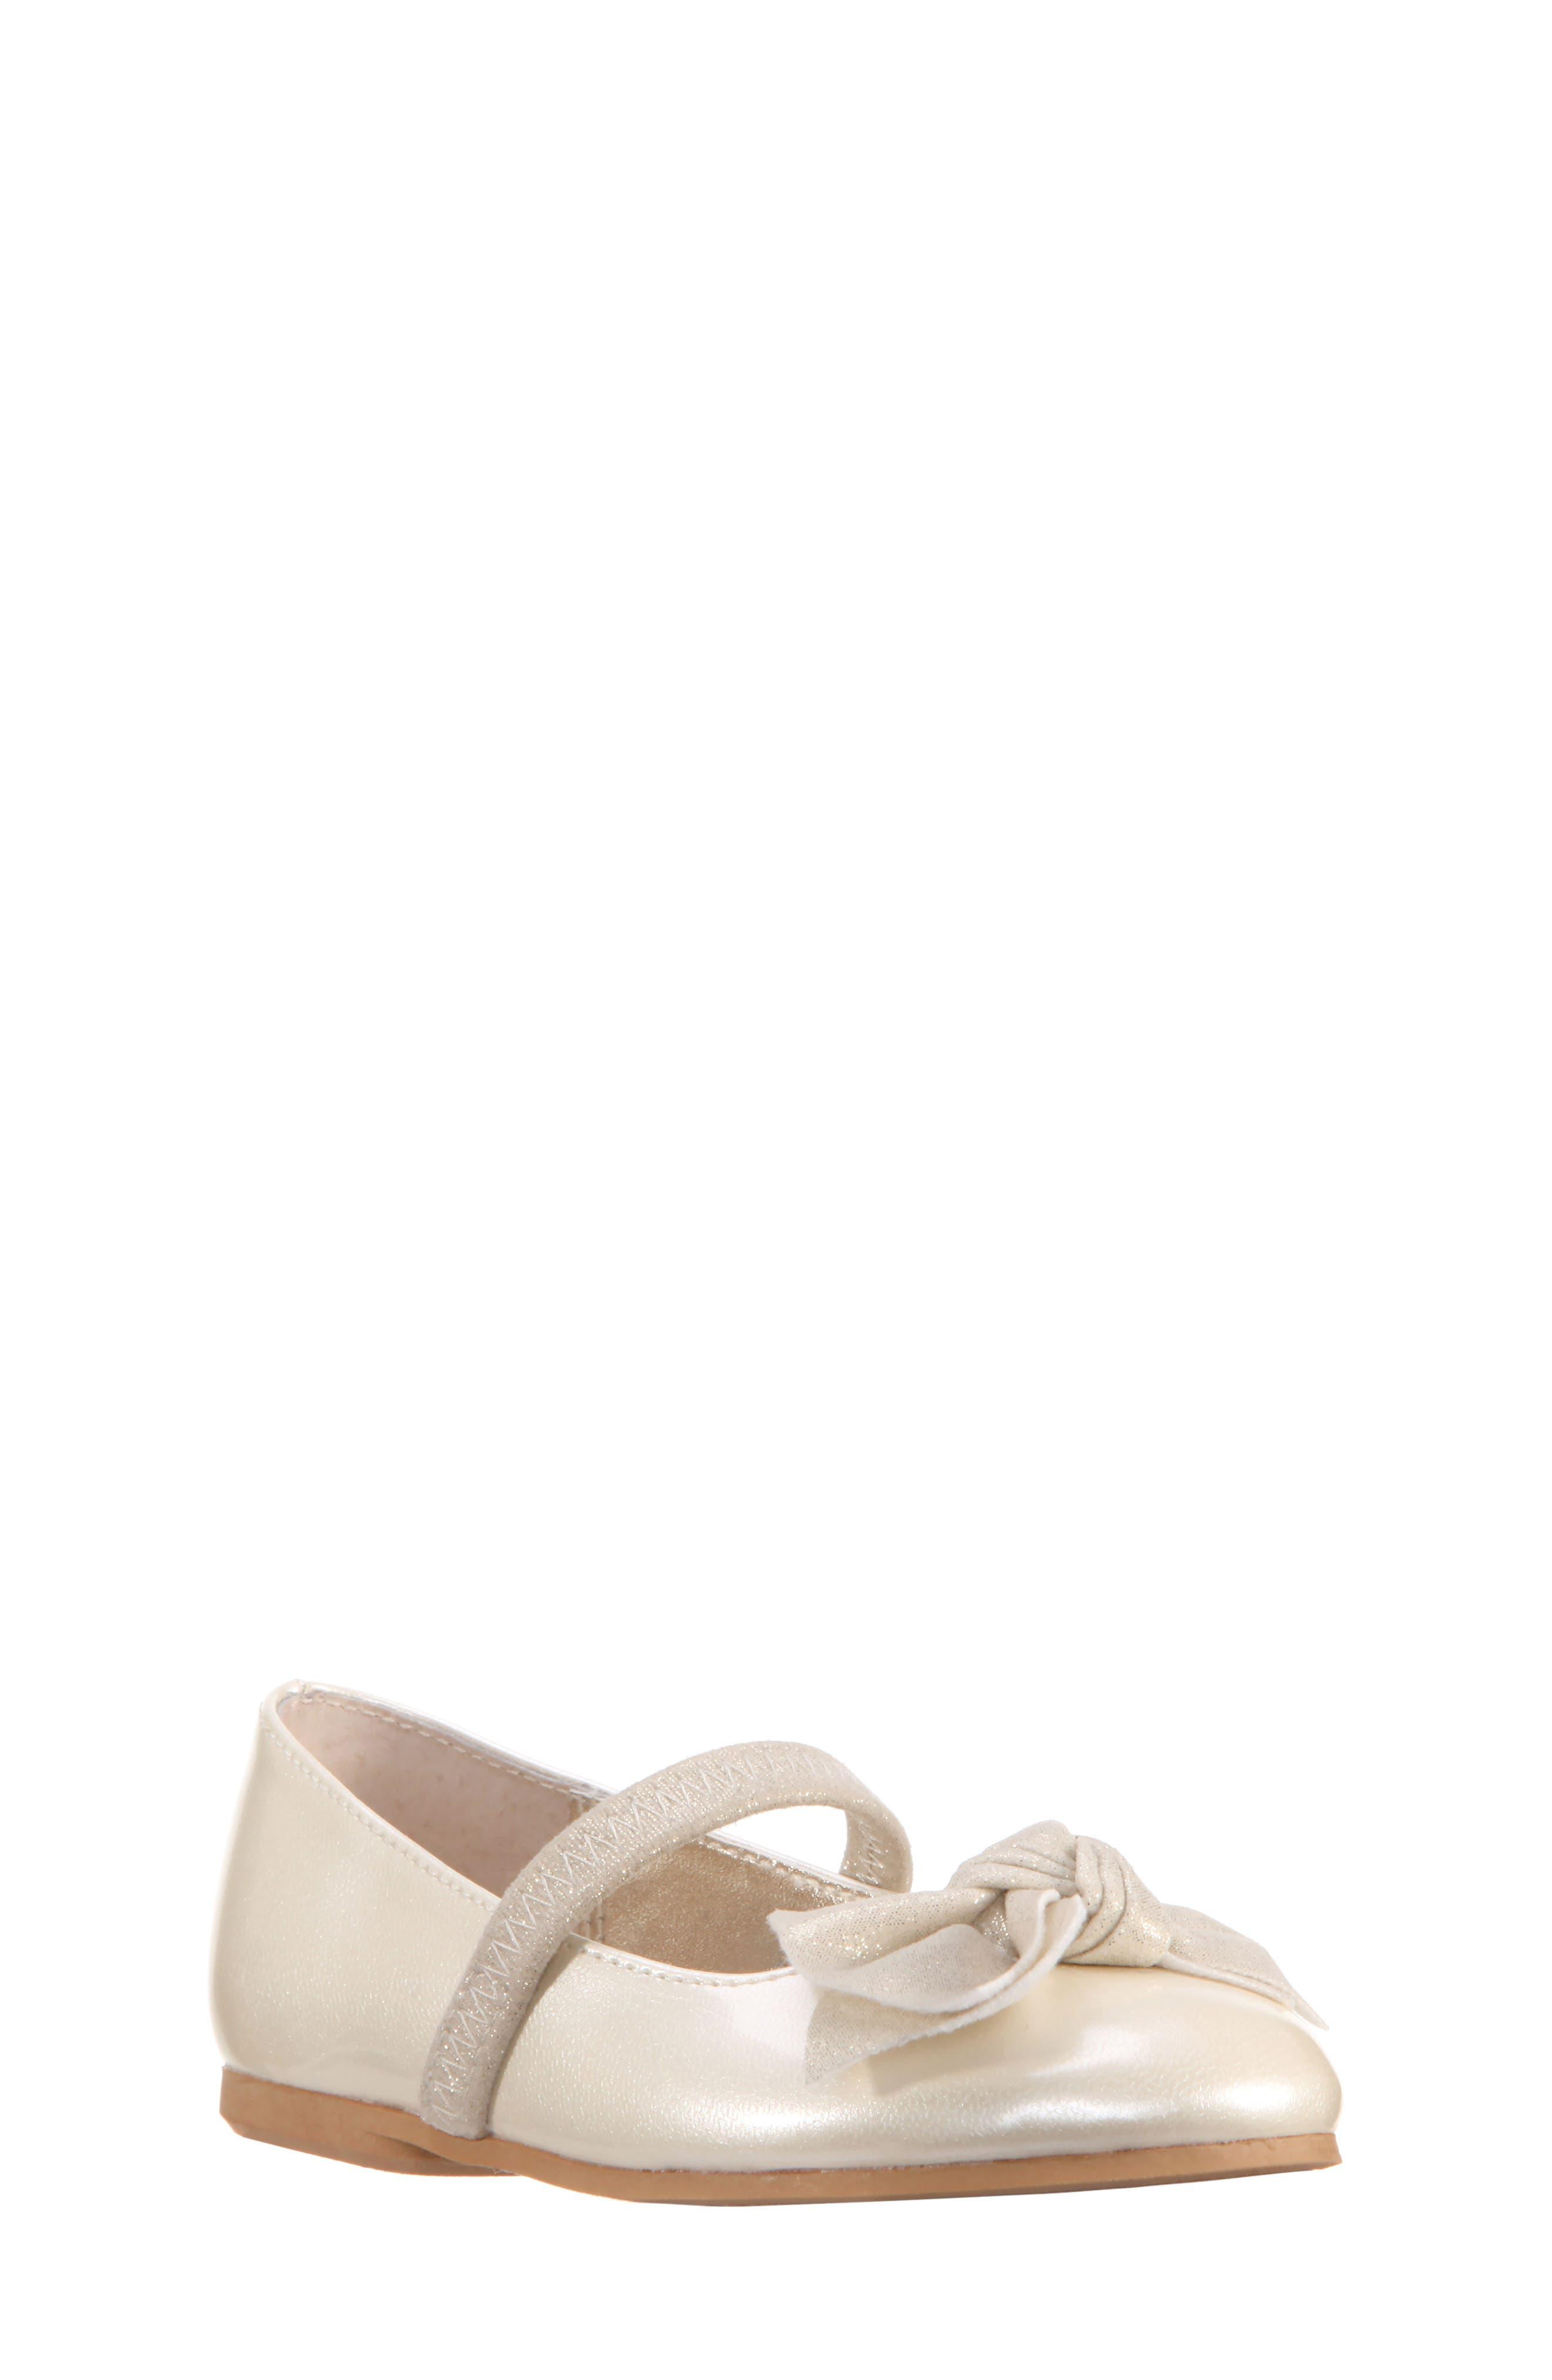 Kaytelyn-T Glitter Bow Ballet Flat,                             Main thumbnail 7, color,